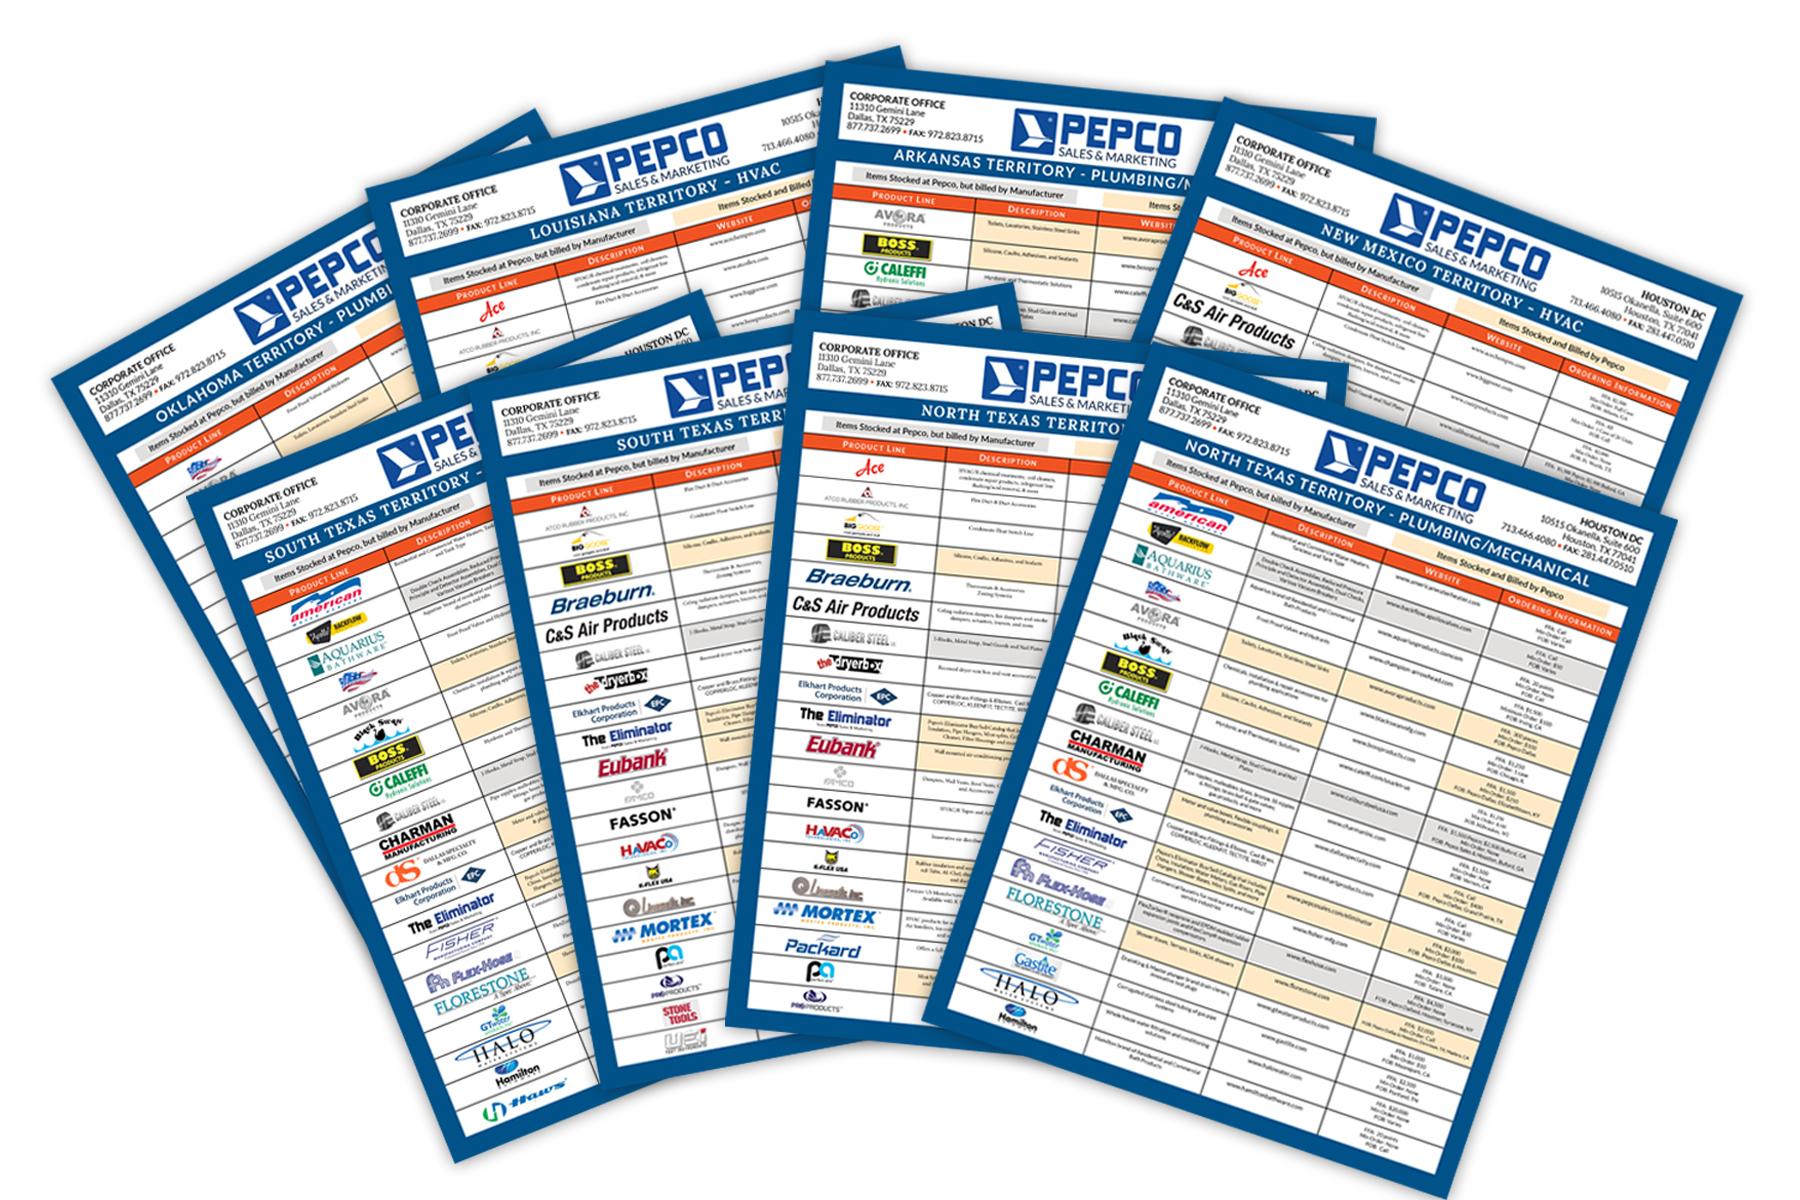 Pepco Line Card Graphic